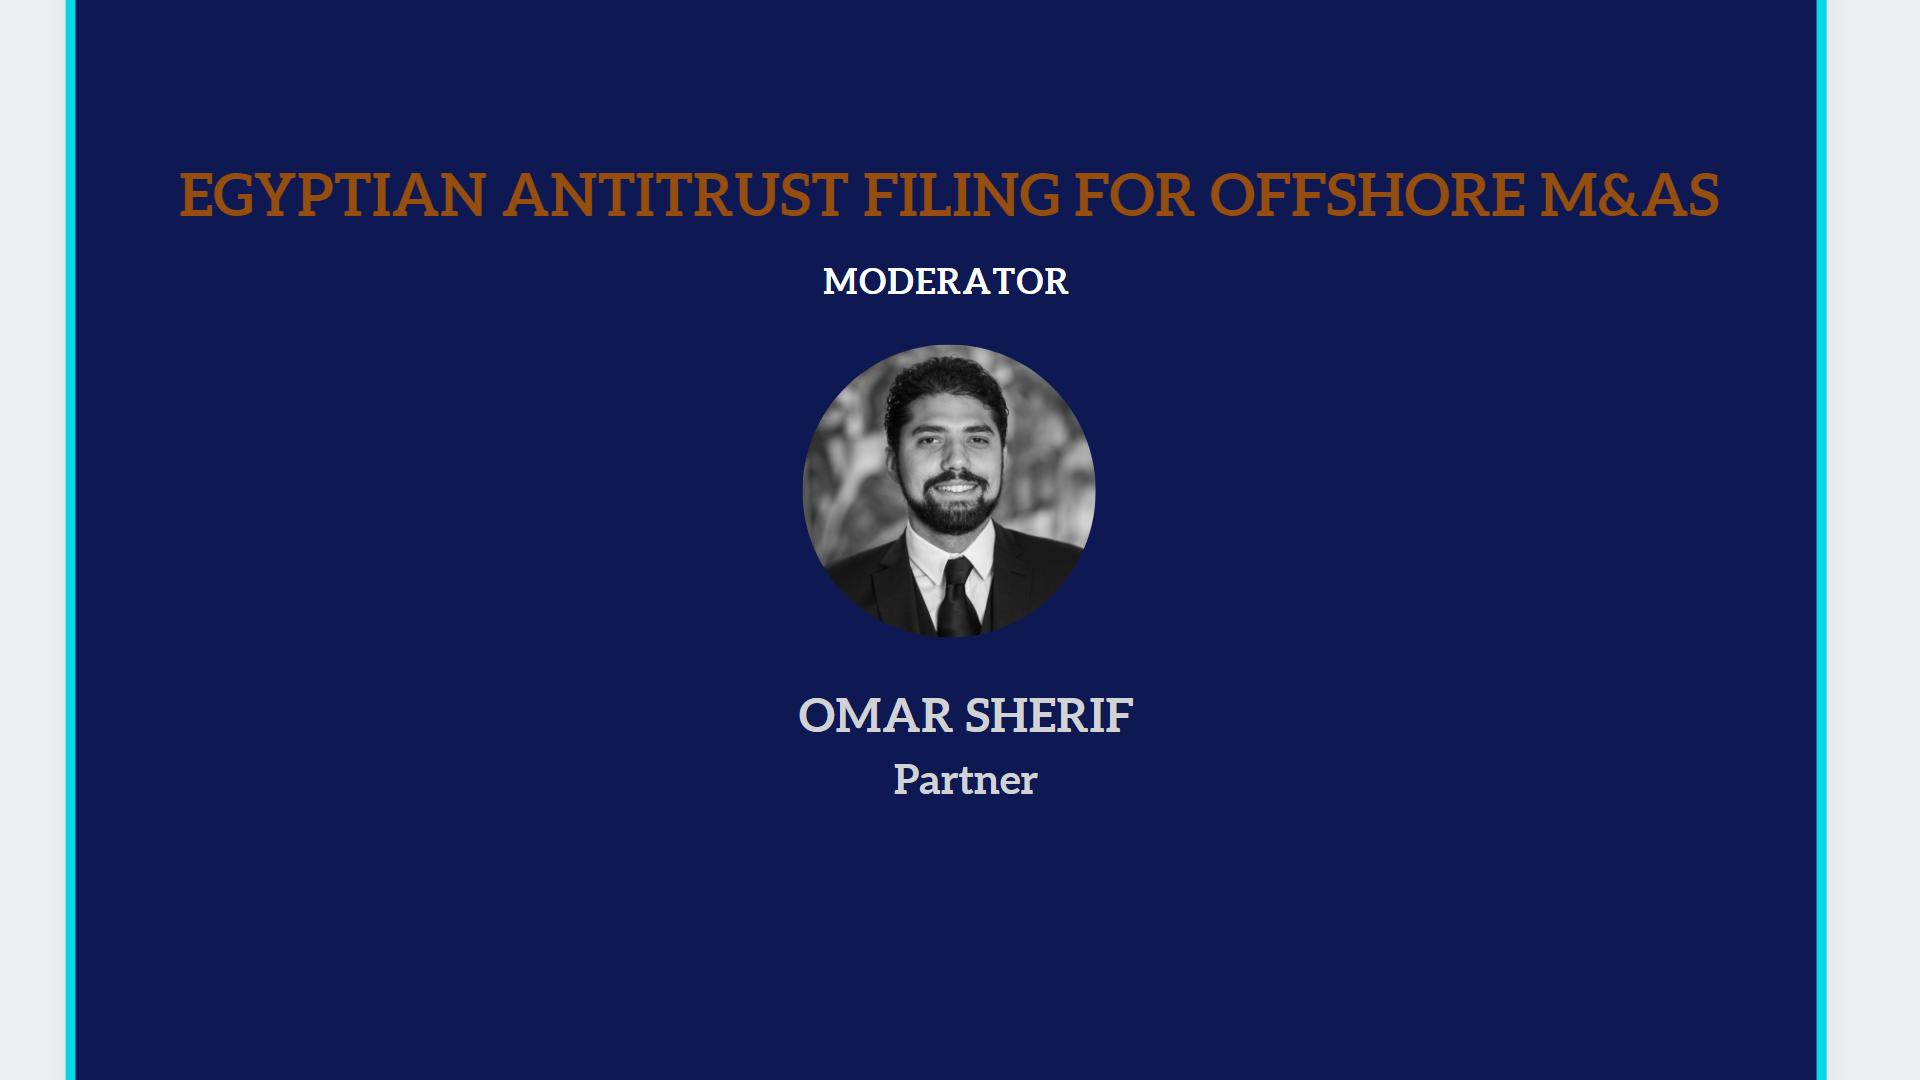 Egyptian Antitrust Filing for Offshore M&As